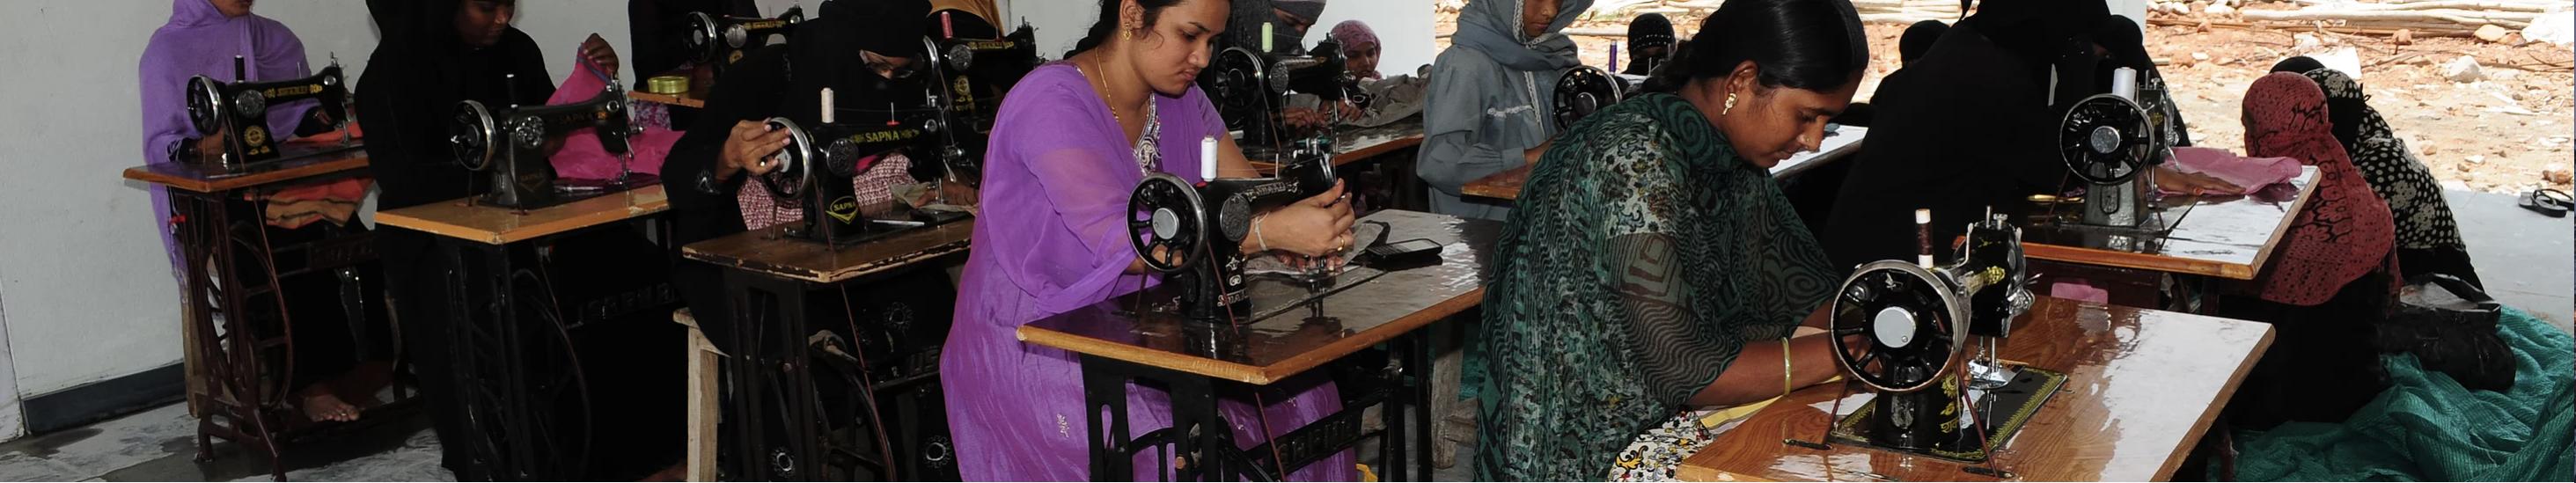 Livlihood Programs